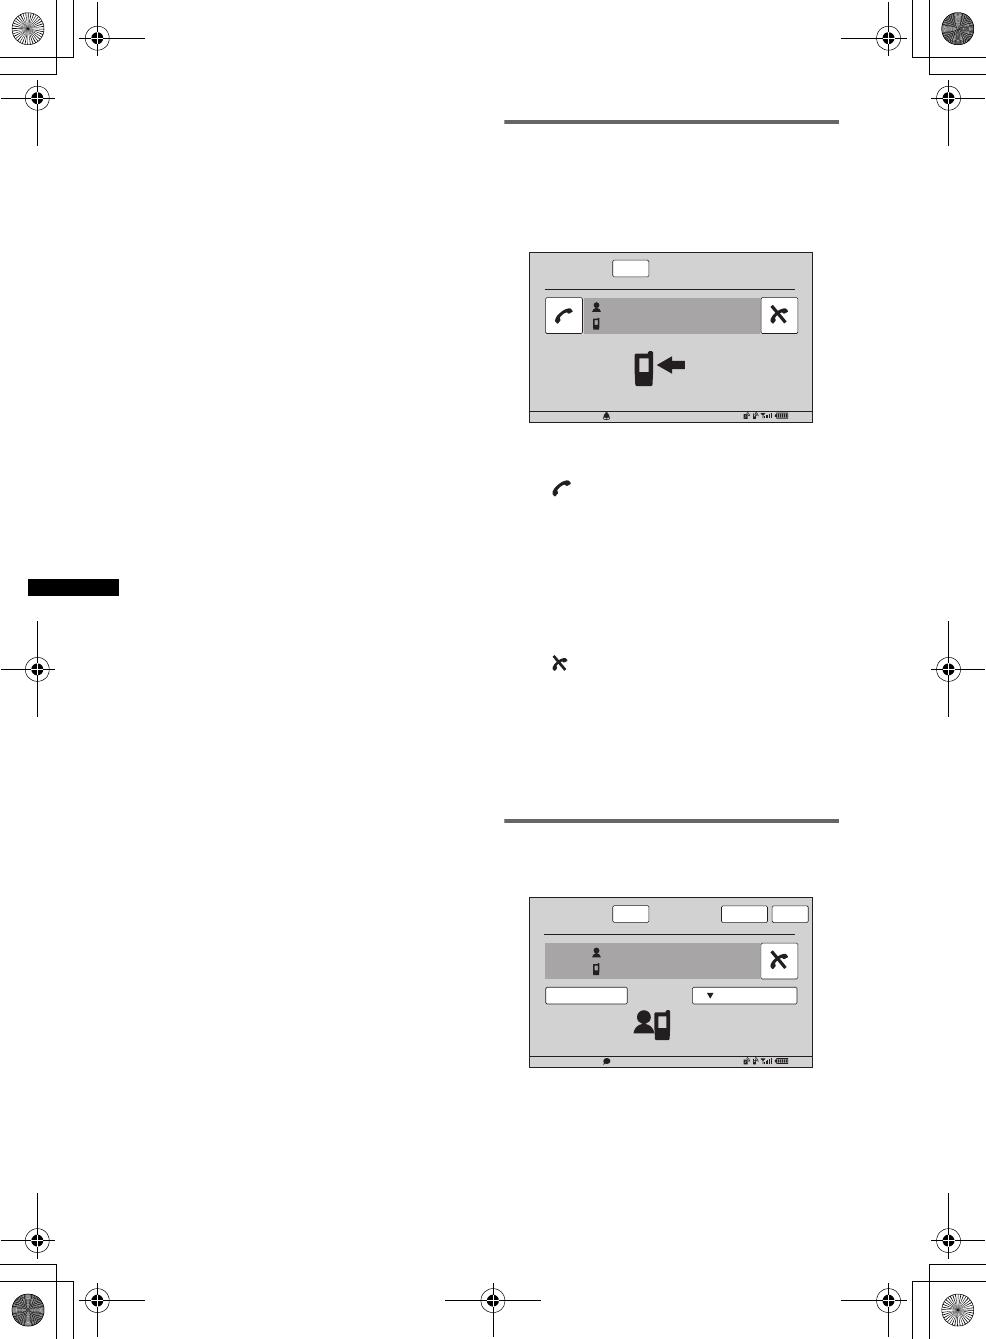 Sony Xav 70bt Wiring Diagram Library For Xplod Head Unit Along With Xav70bt Av Center User Manual 40